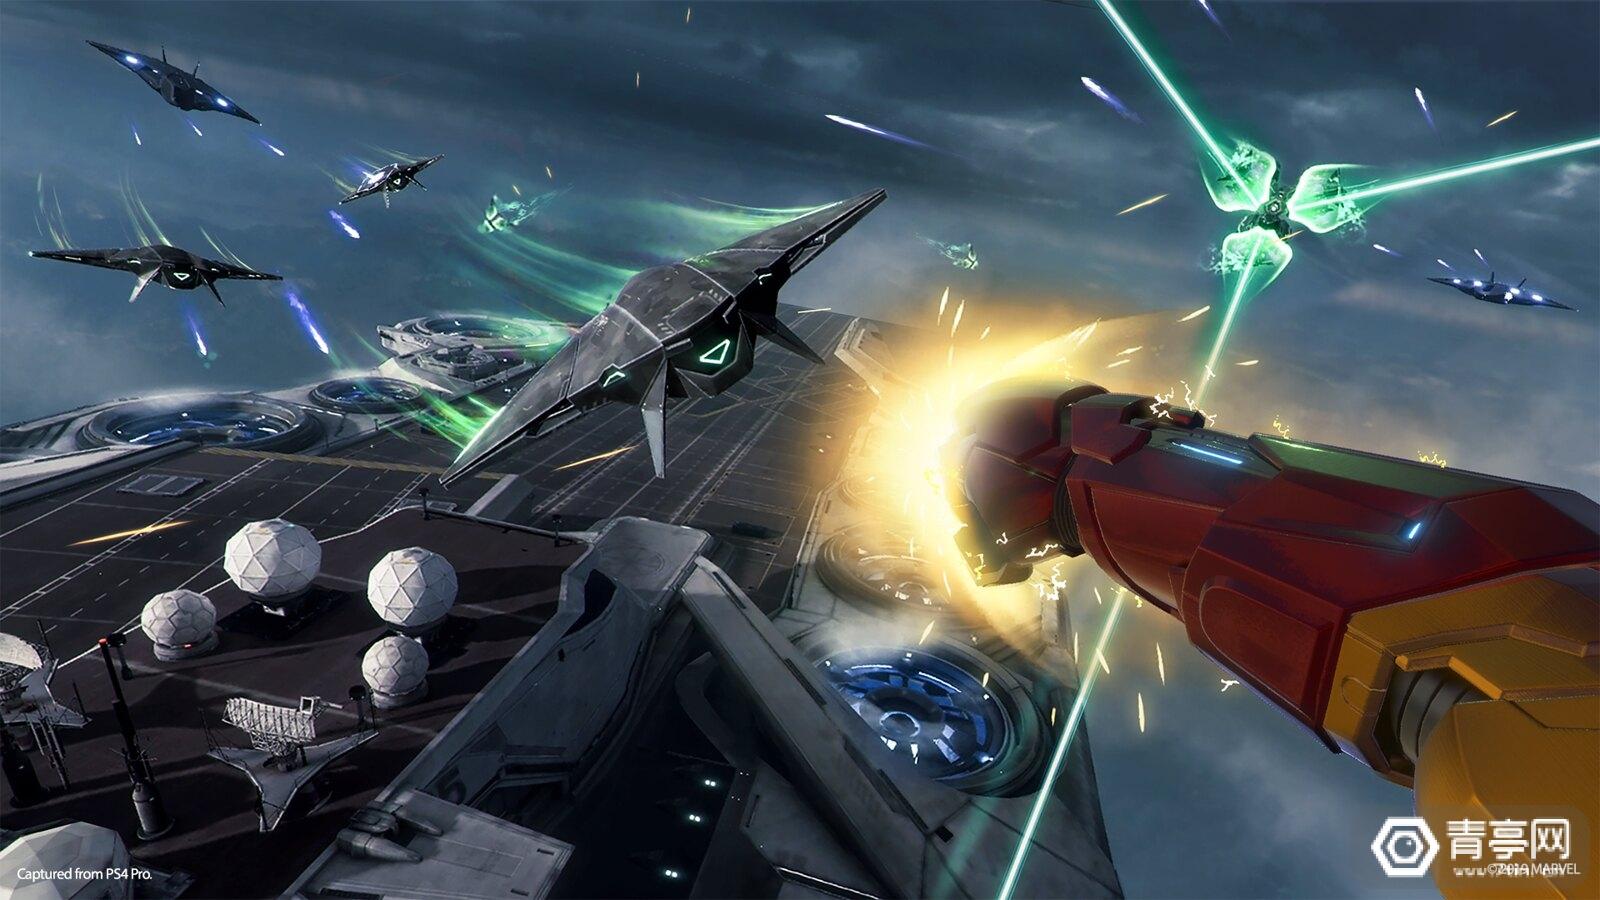 PS VR大作《漫威钢铁侠VR》demo曝光,或仅登陆日本和亚洲商店